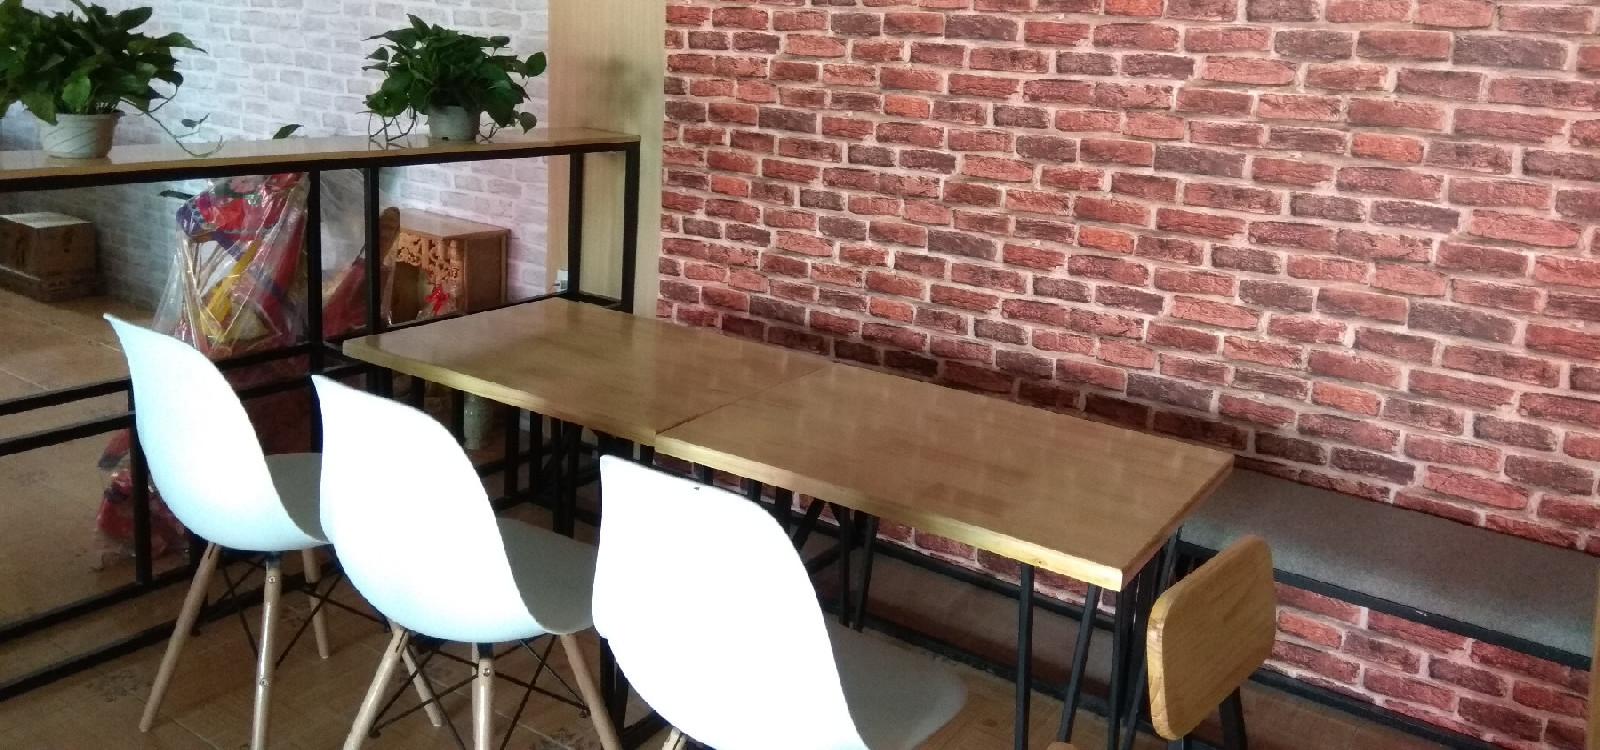 hình ảnh 5 yếu tố thiết kế quán cafe khiến